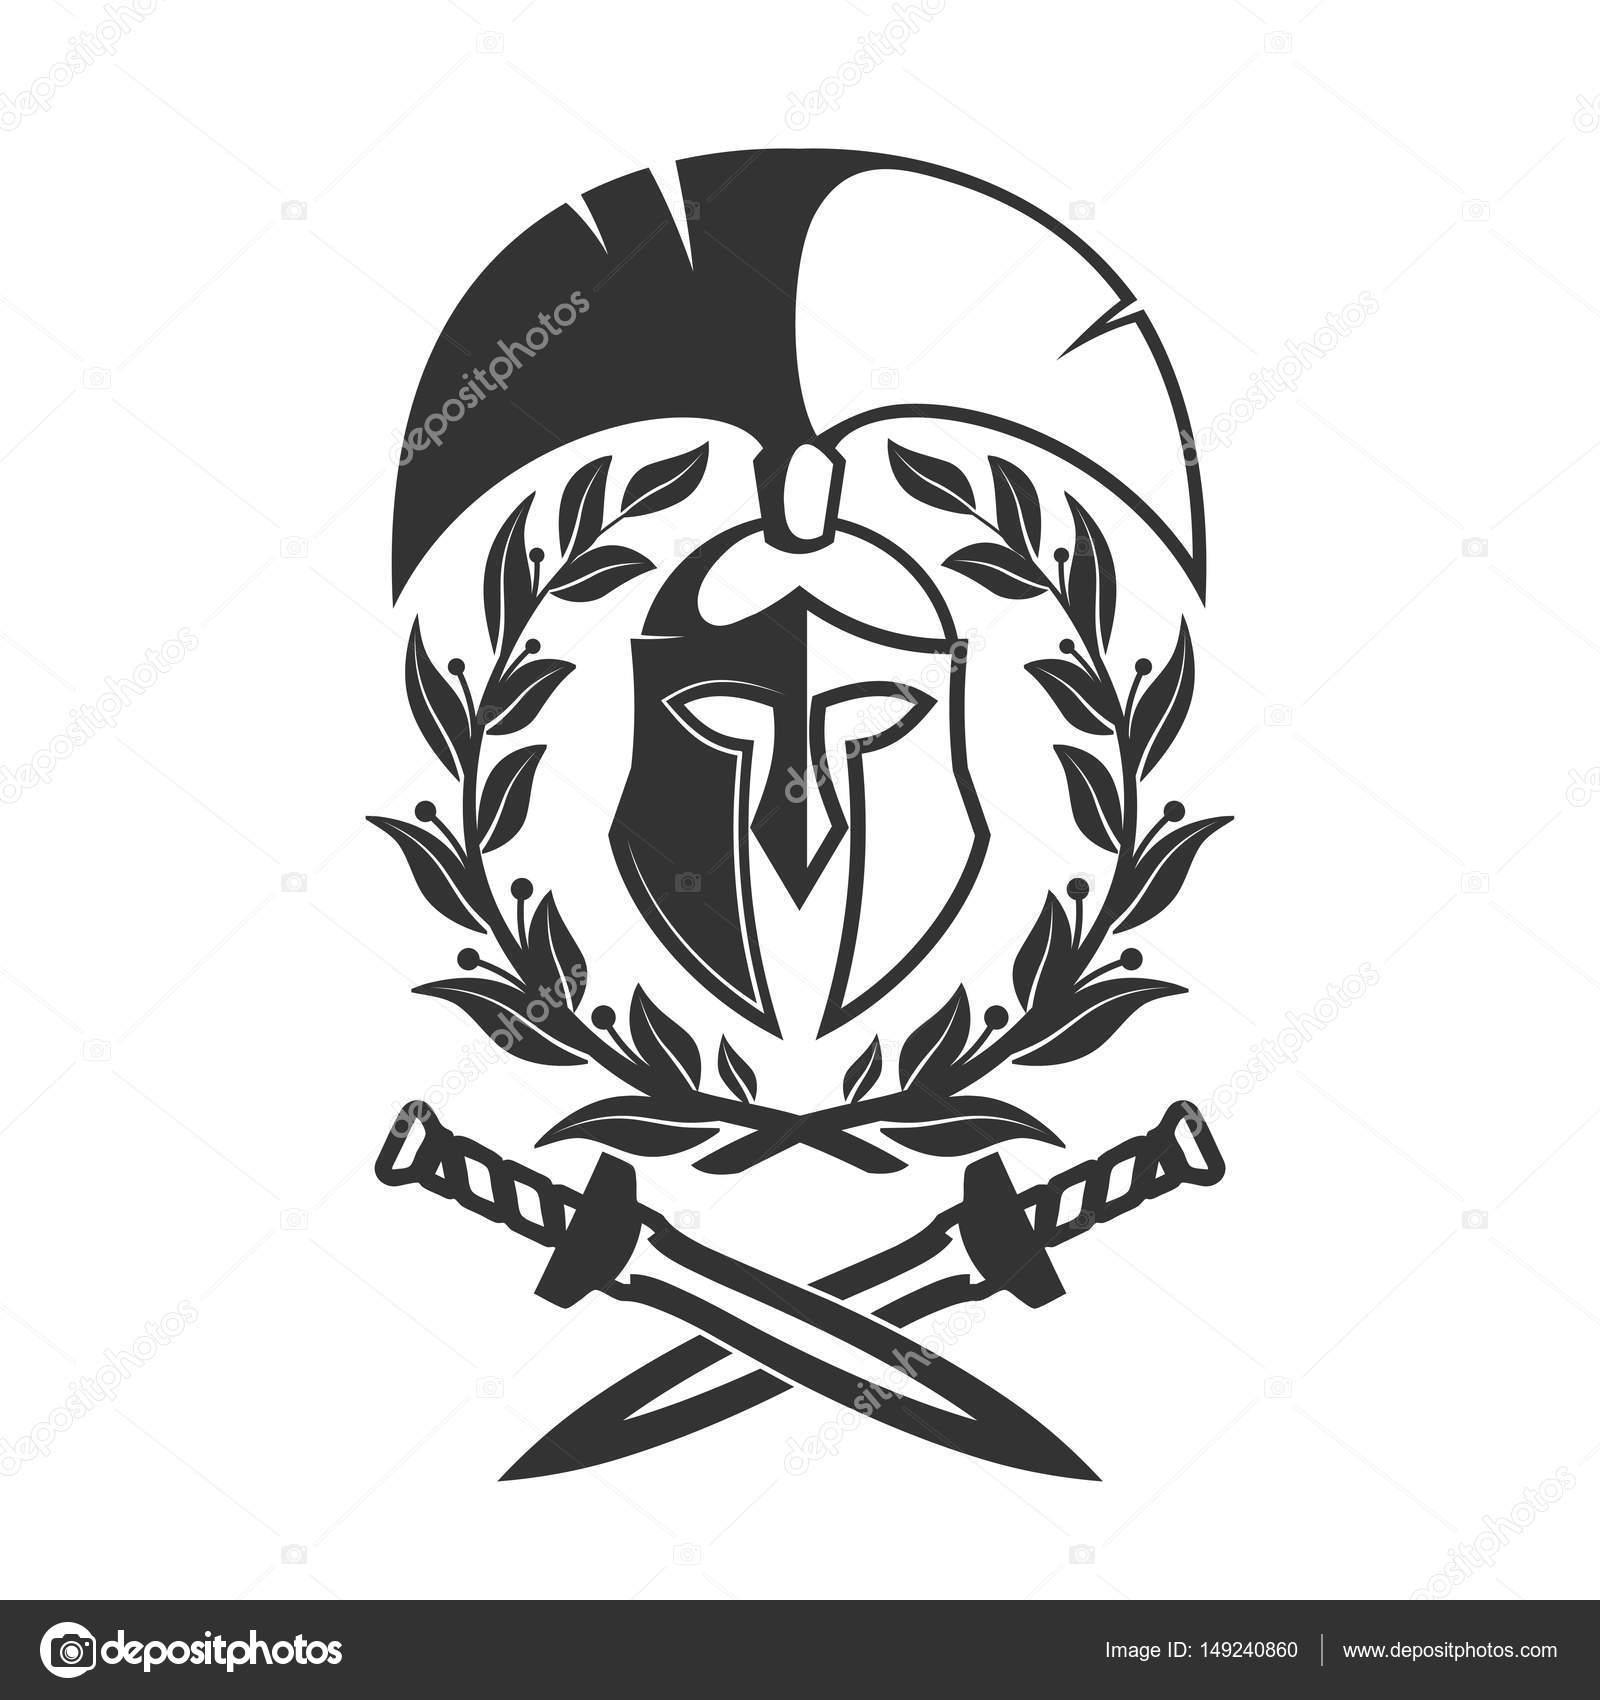 1600x1700 Military Symbol, Spartan Helmet In Laurel Wreath. Stock Vector